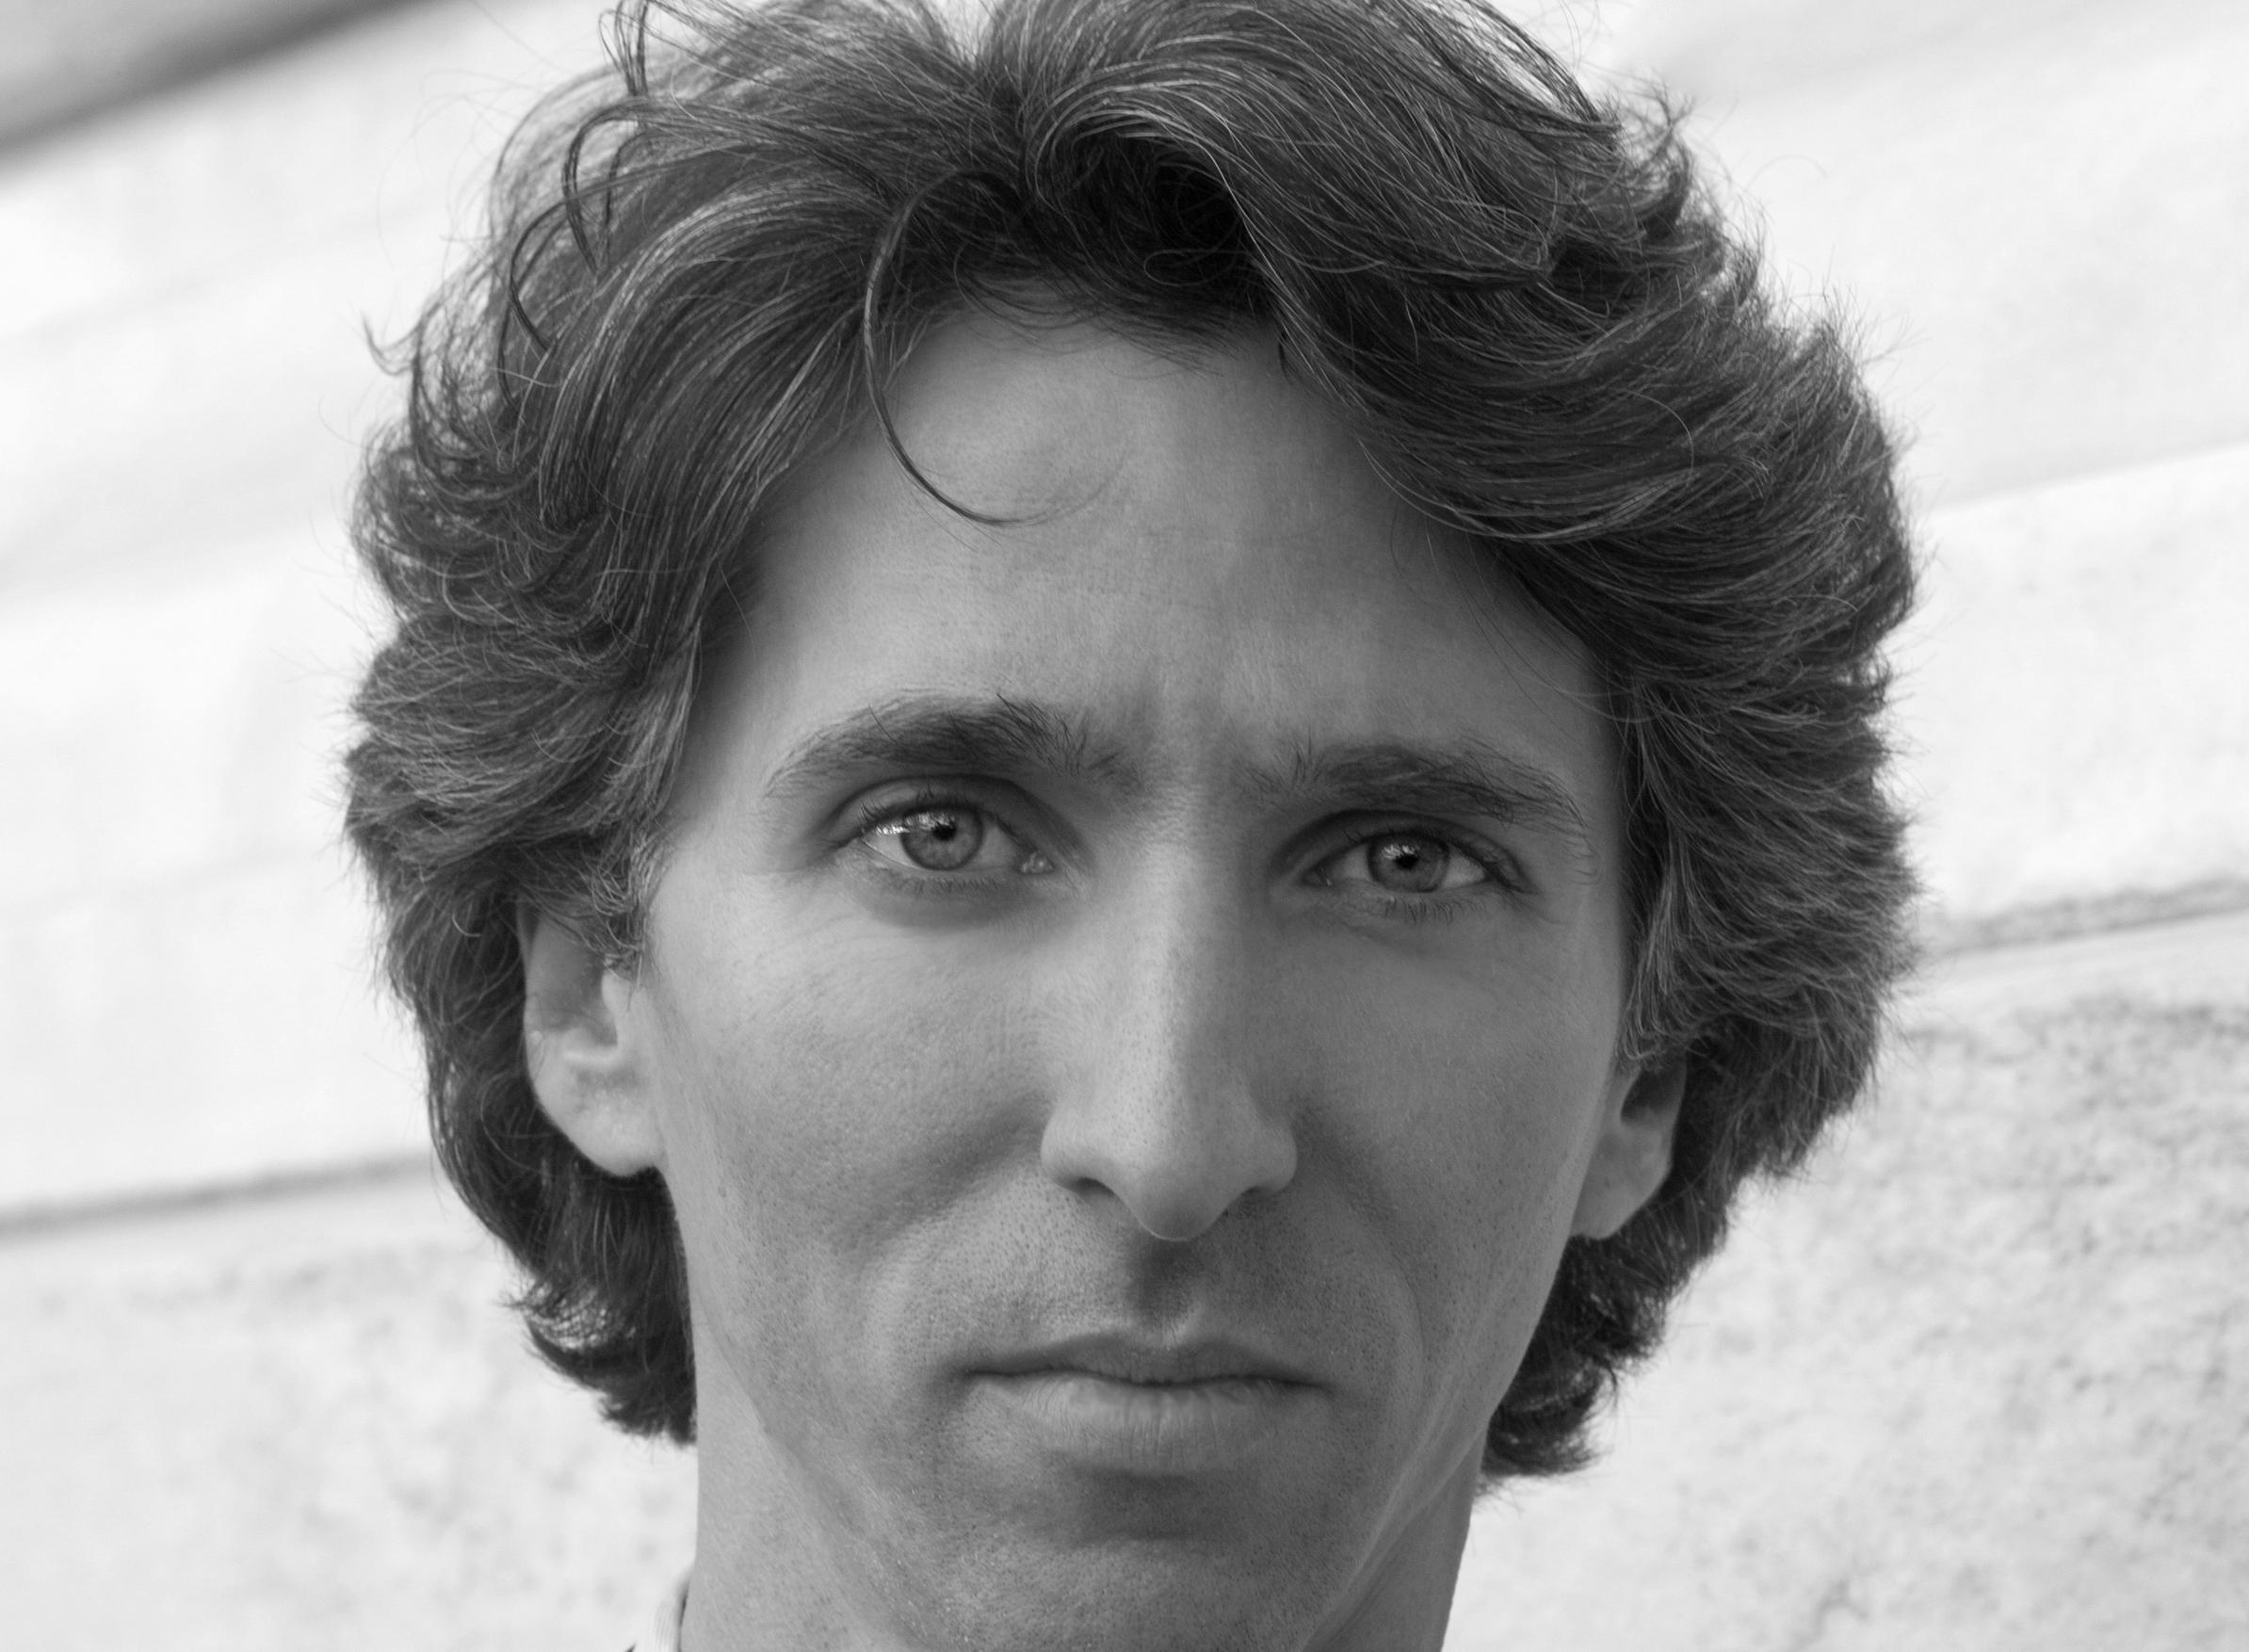 Damian Woetzel